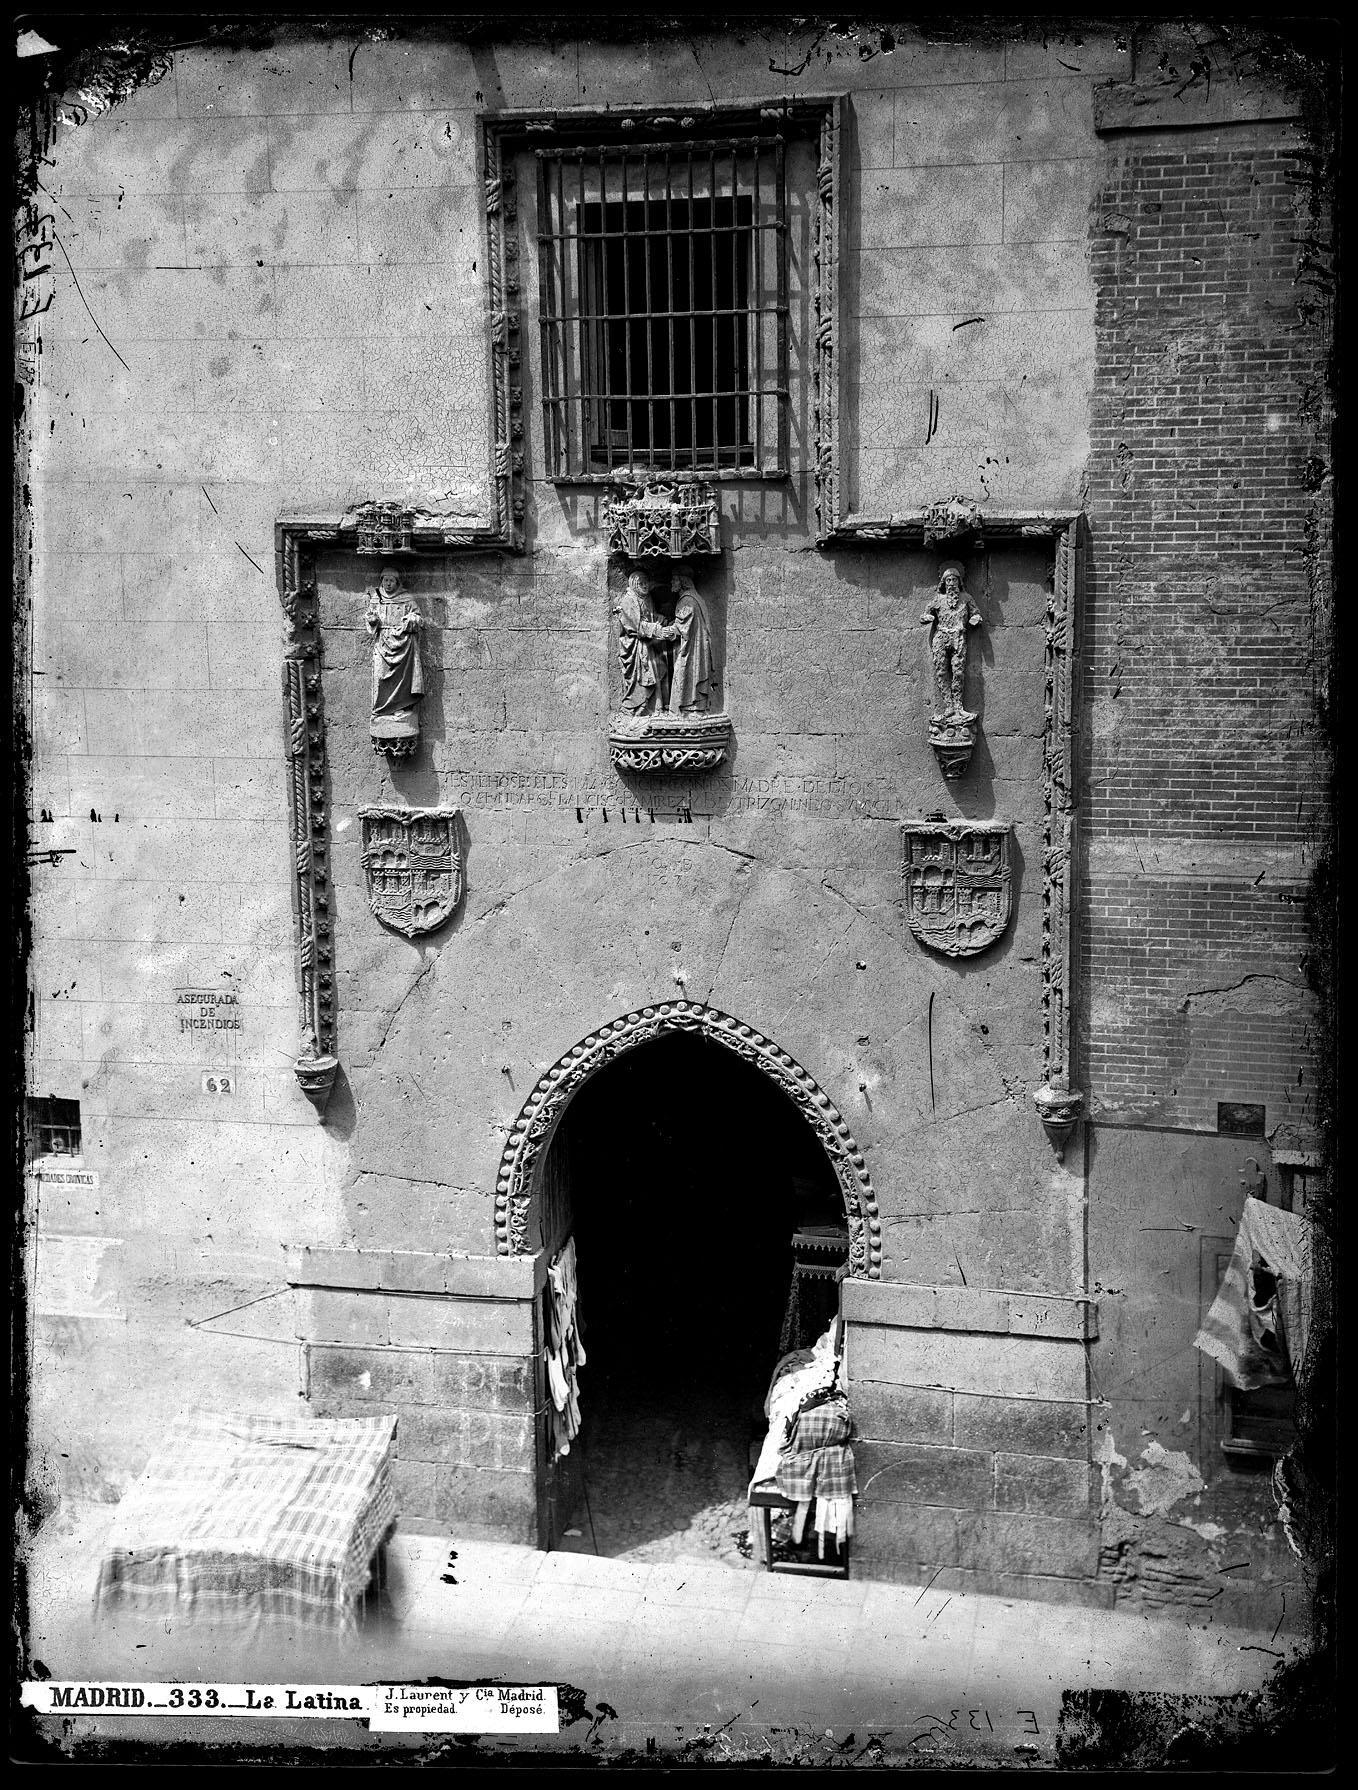 Puerta de La latina